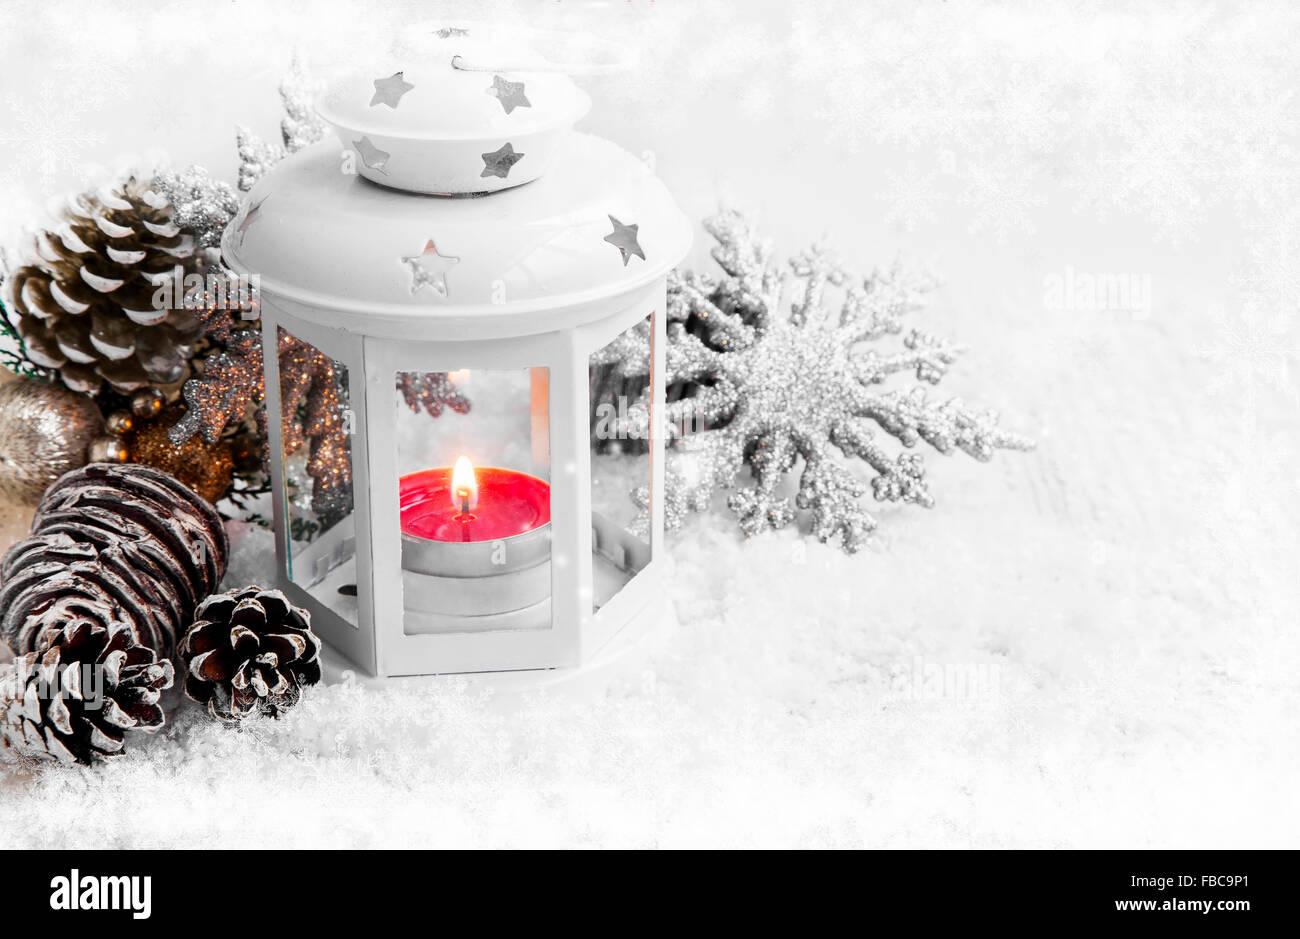 wei e weihnachten laterne mit brennender kerze in schnee und eis schneeflocken stockfoto bild. Black Bedroom Furniture Sets. Home Design Ideas